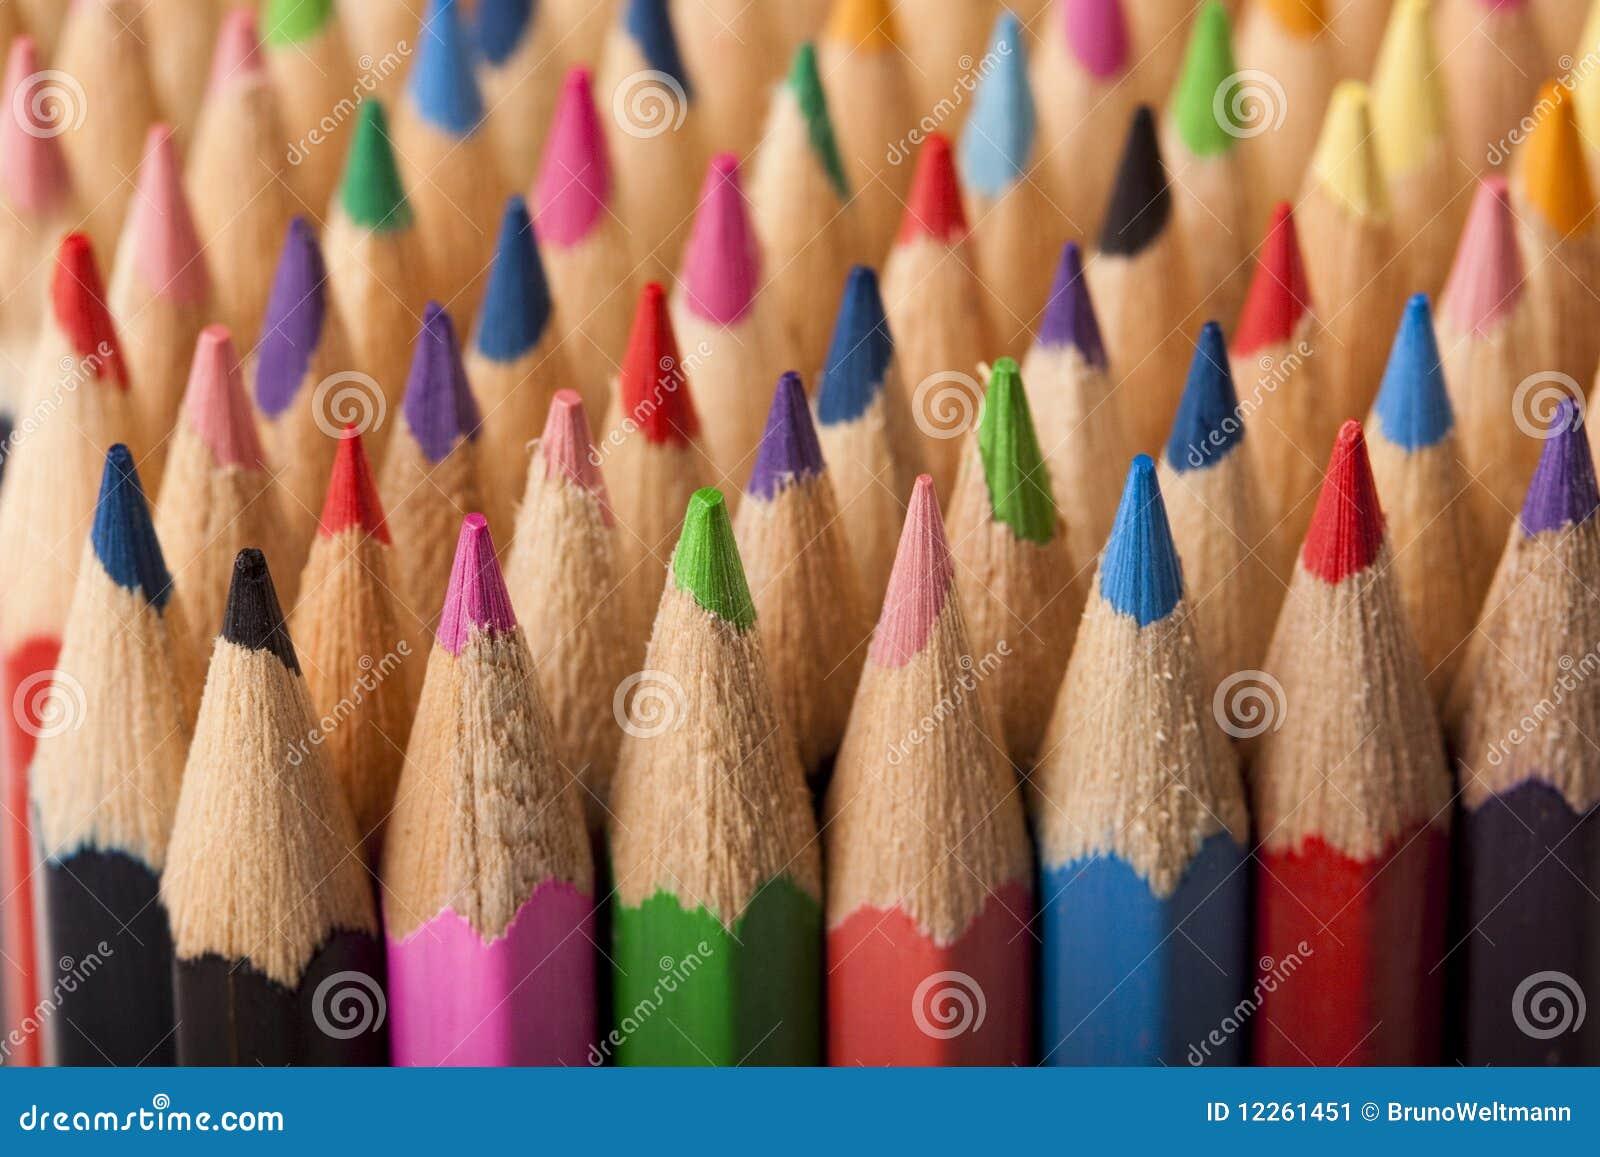 Sumário colorido dos lápis!